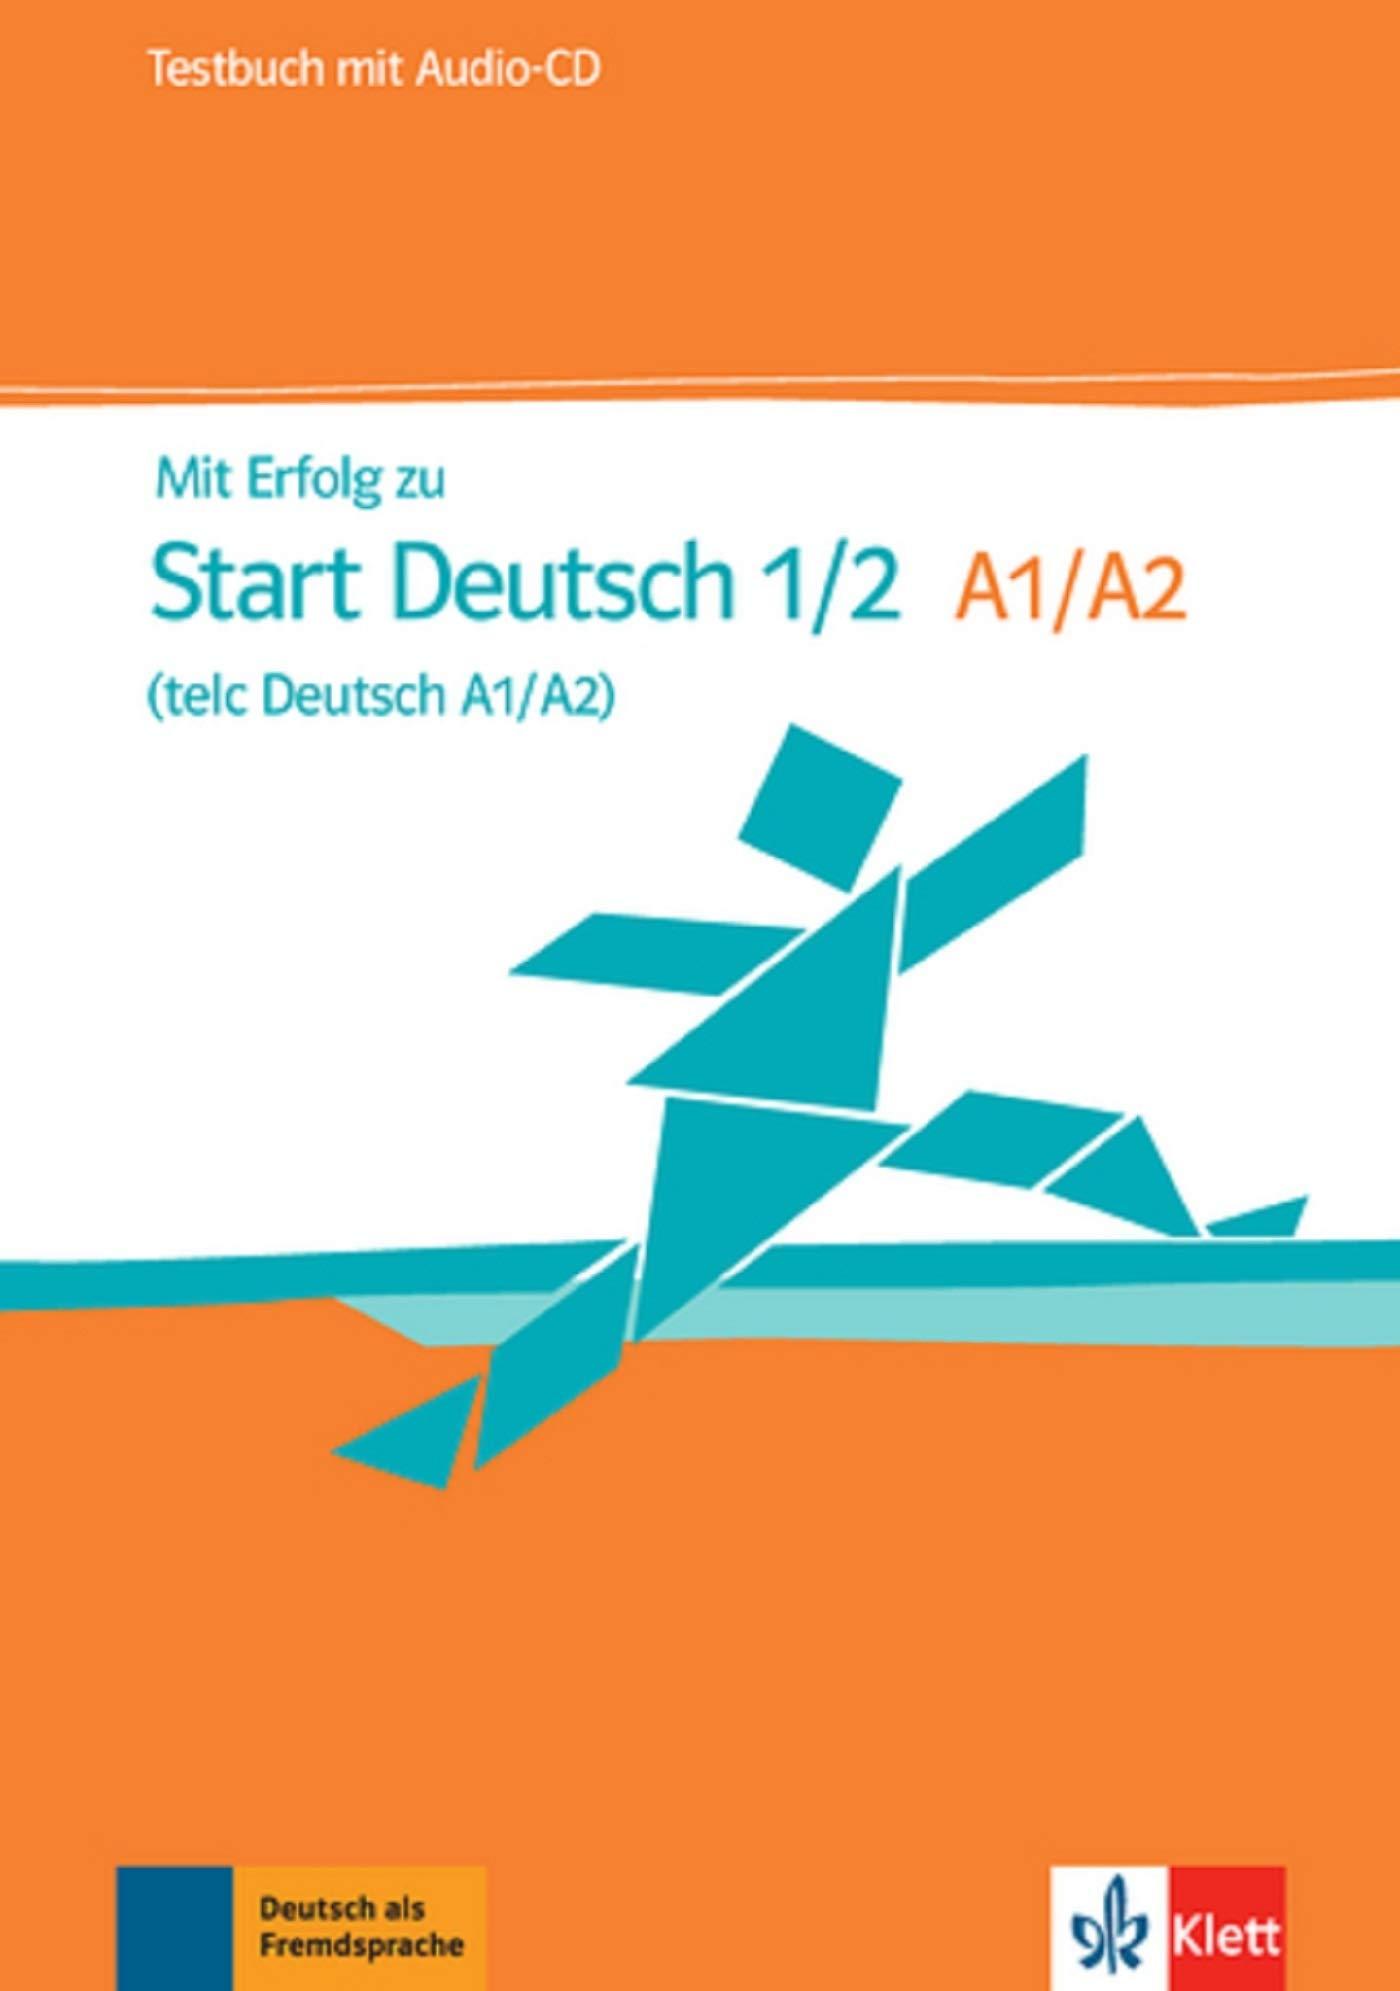 Tests 1 start language telc deutsch Language exam: